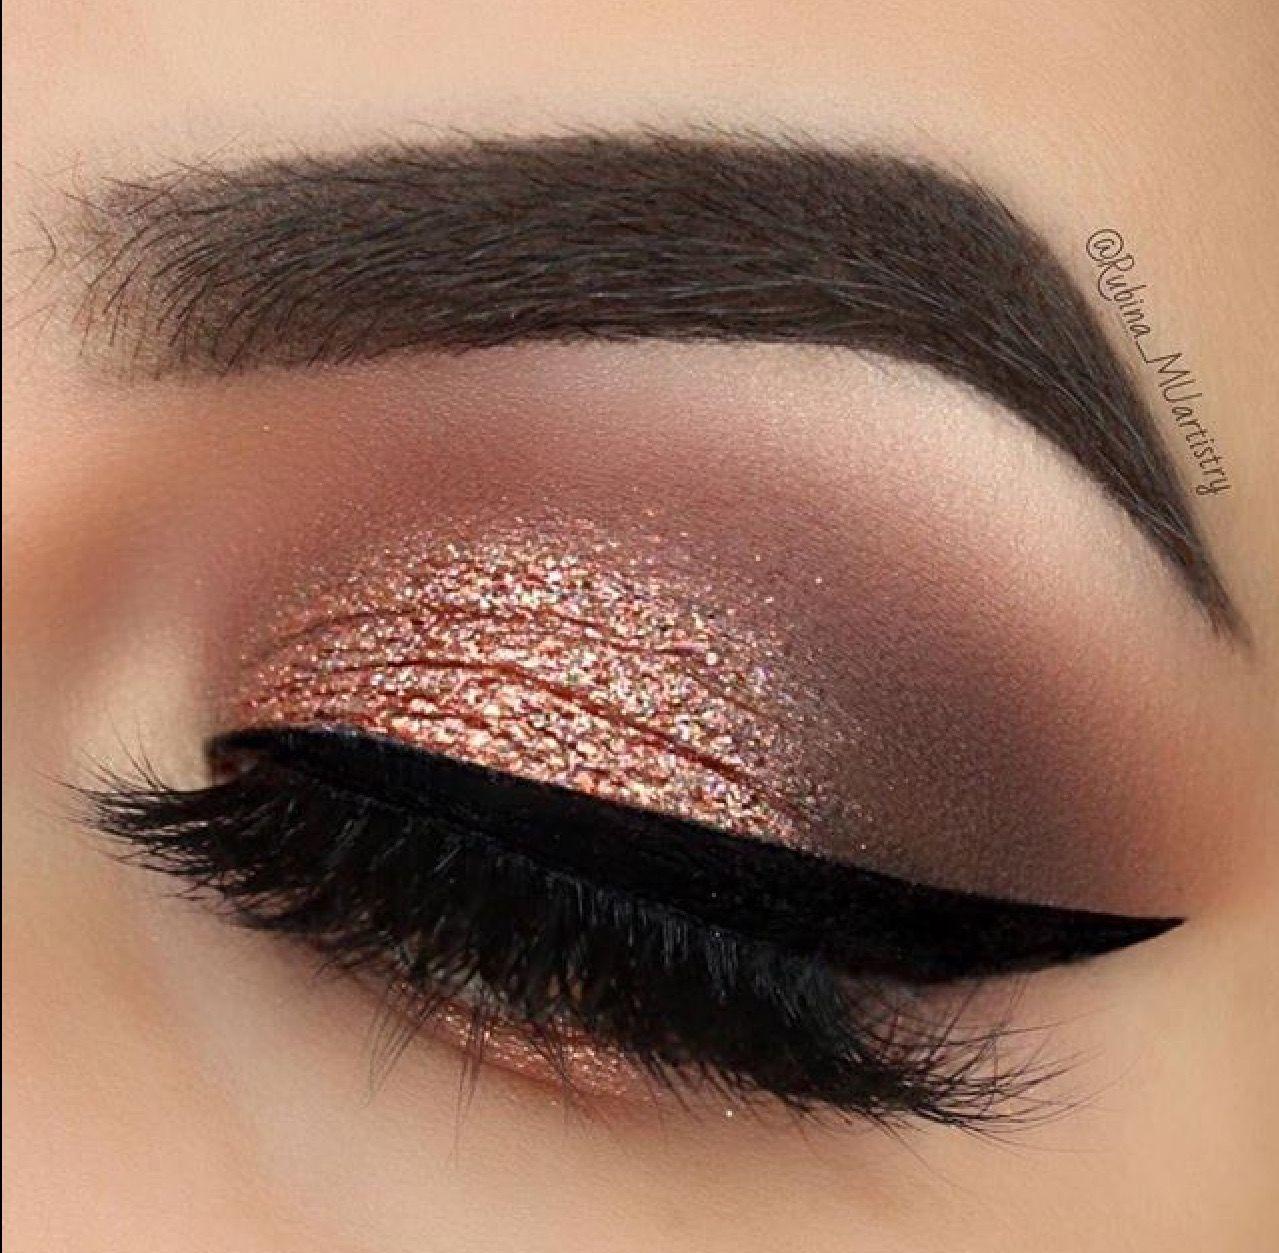 Este Quiero Maquillaje De Ojos Maquillaje De Ojos Fiesta Maquillaje Tonos Cafes